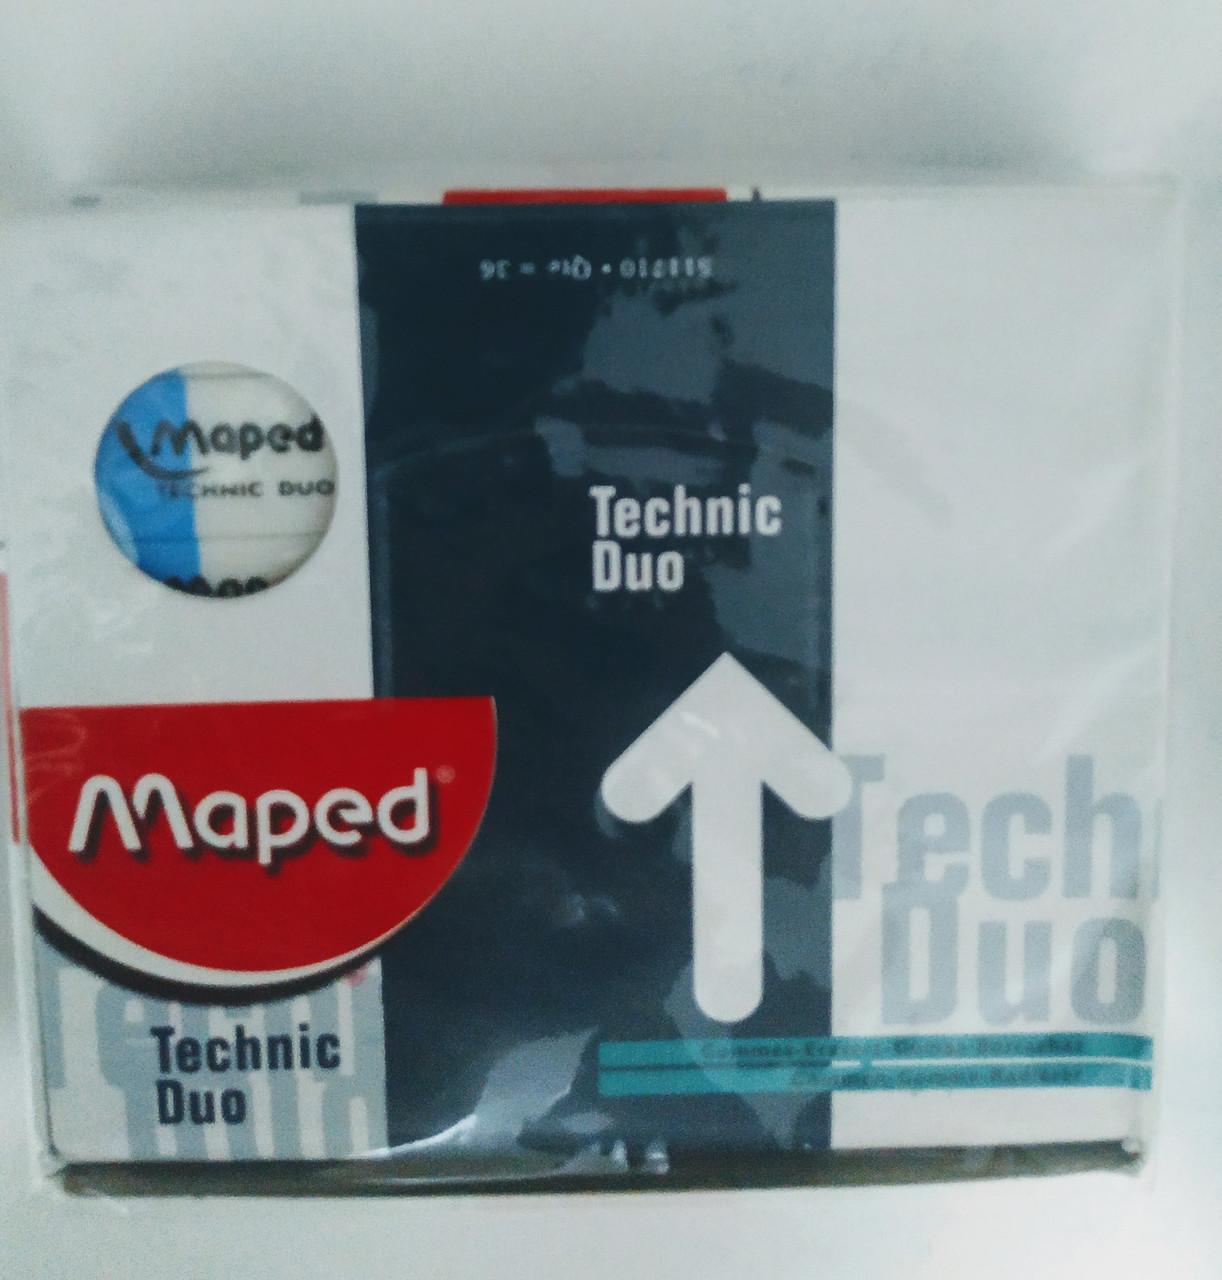 Ластик Maped Technic Duo - фото 2